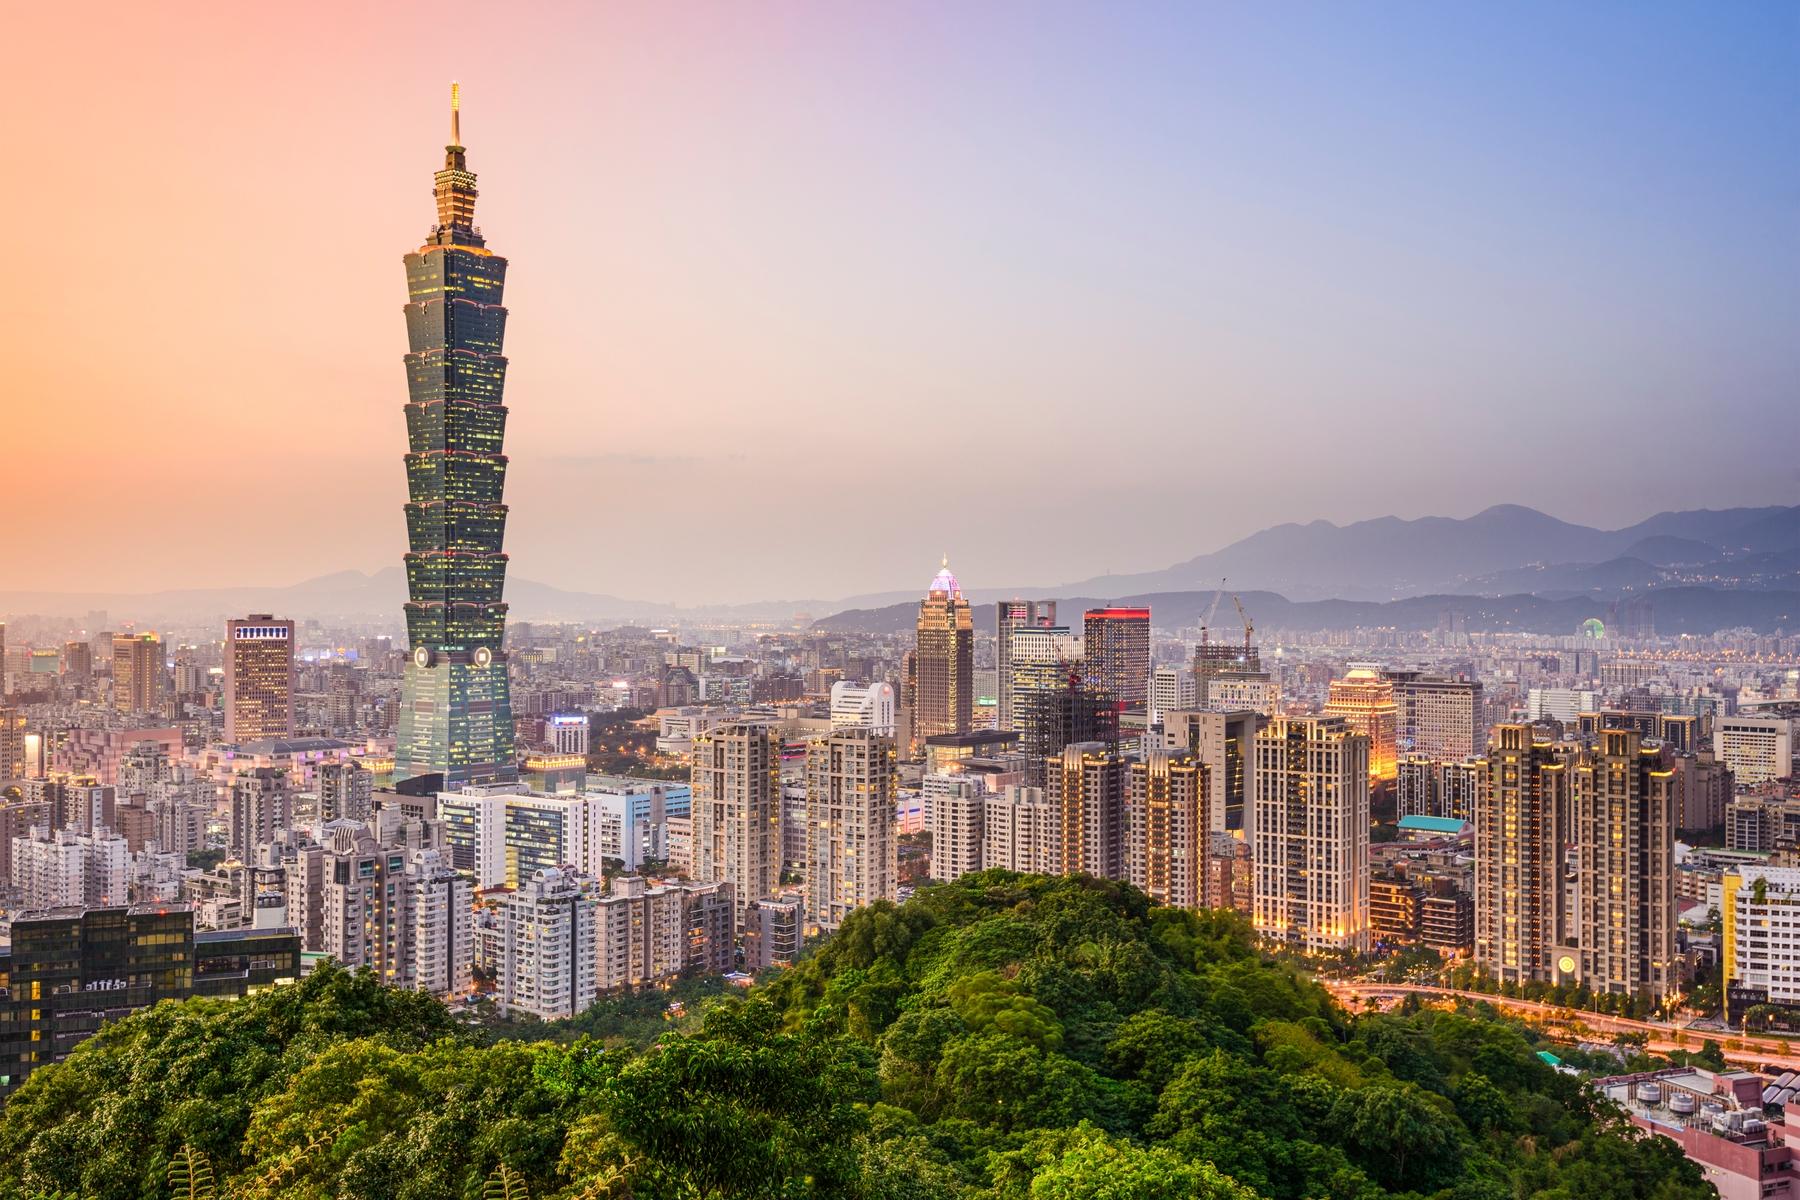 從象山步道可以將台北市景與101大樓盡收眼底